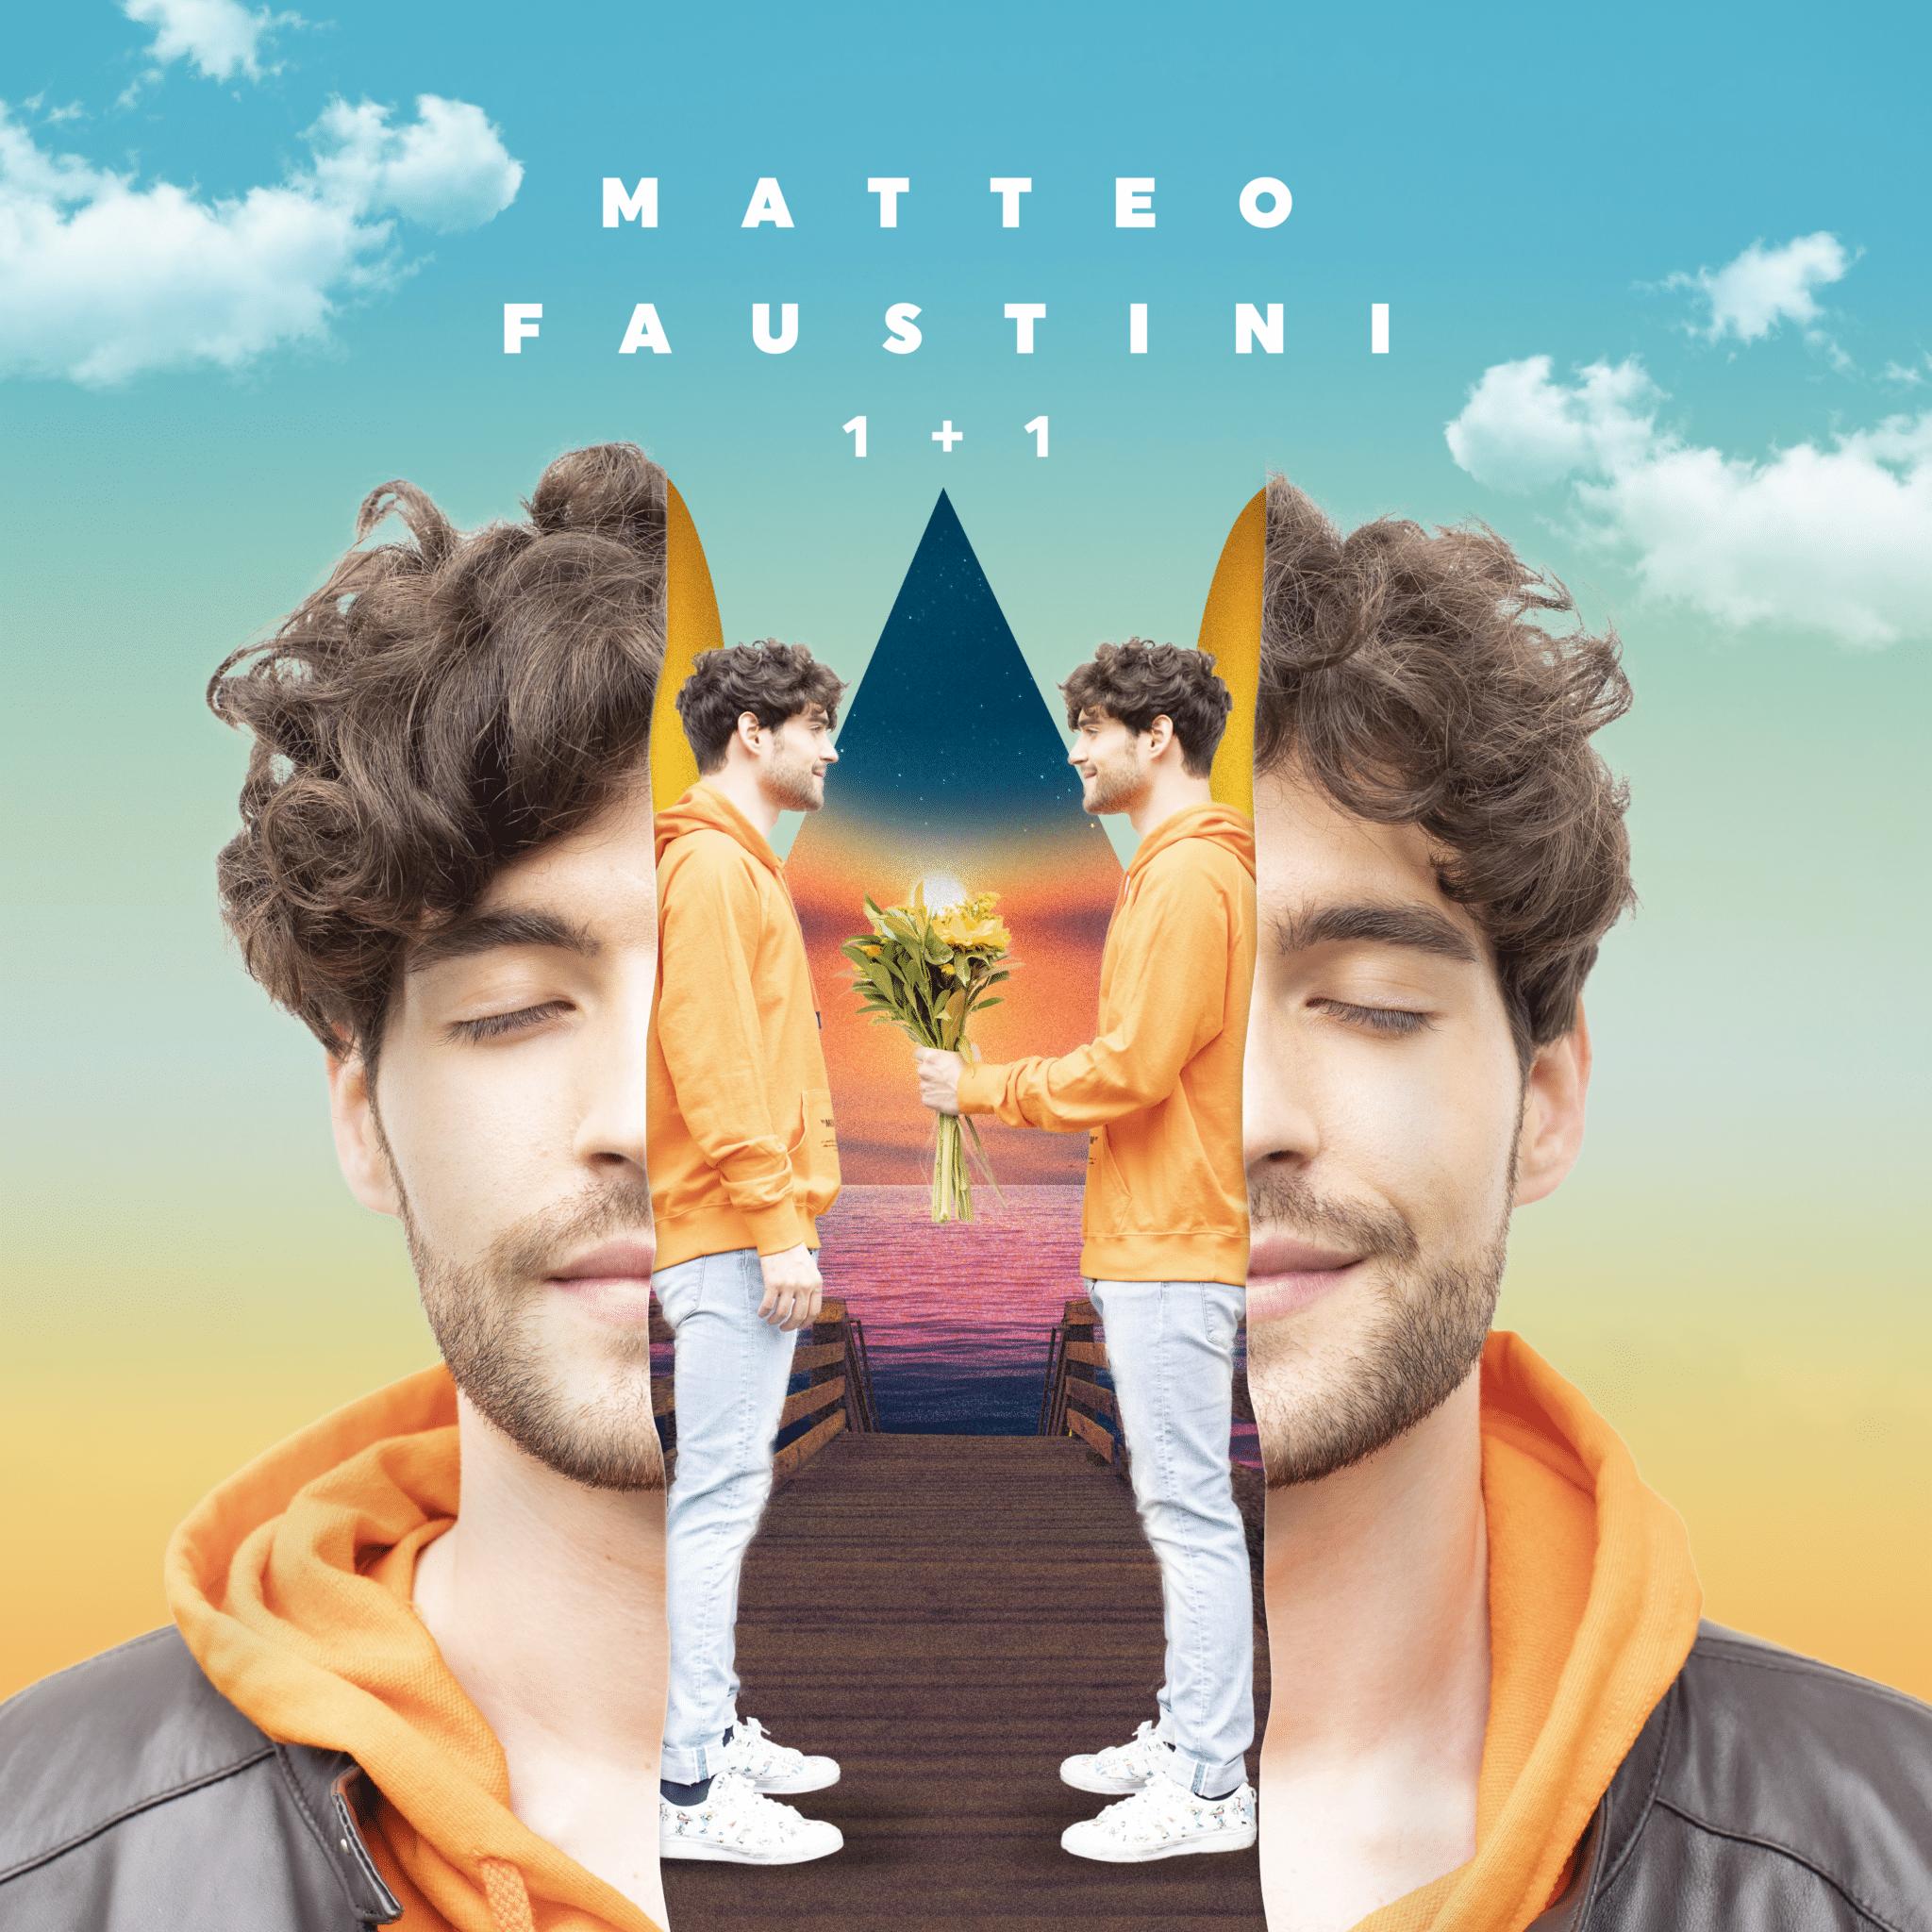 Faustini 1+1